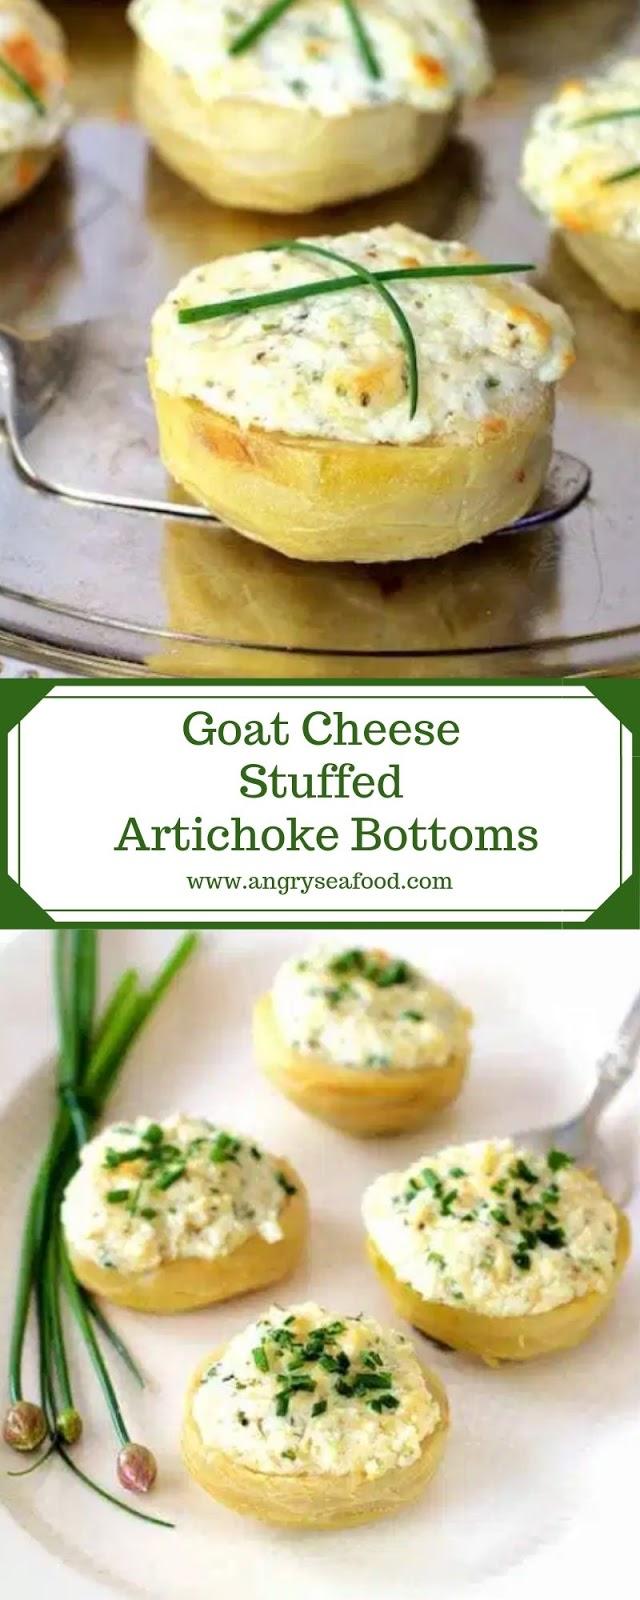 Goat Cheese Stuffed Artichoke Bottoms